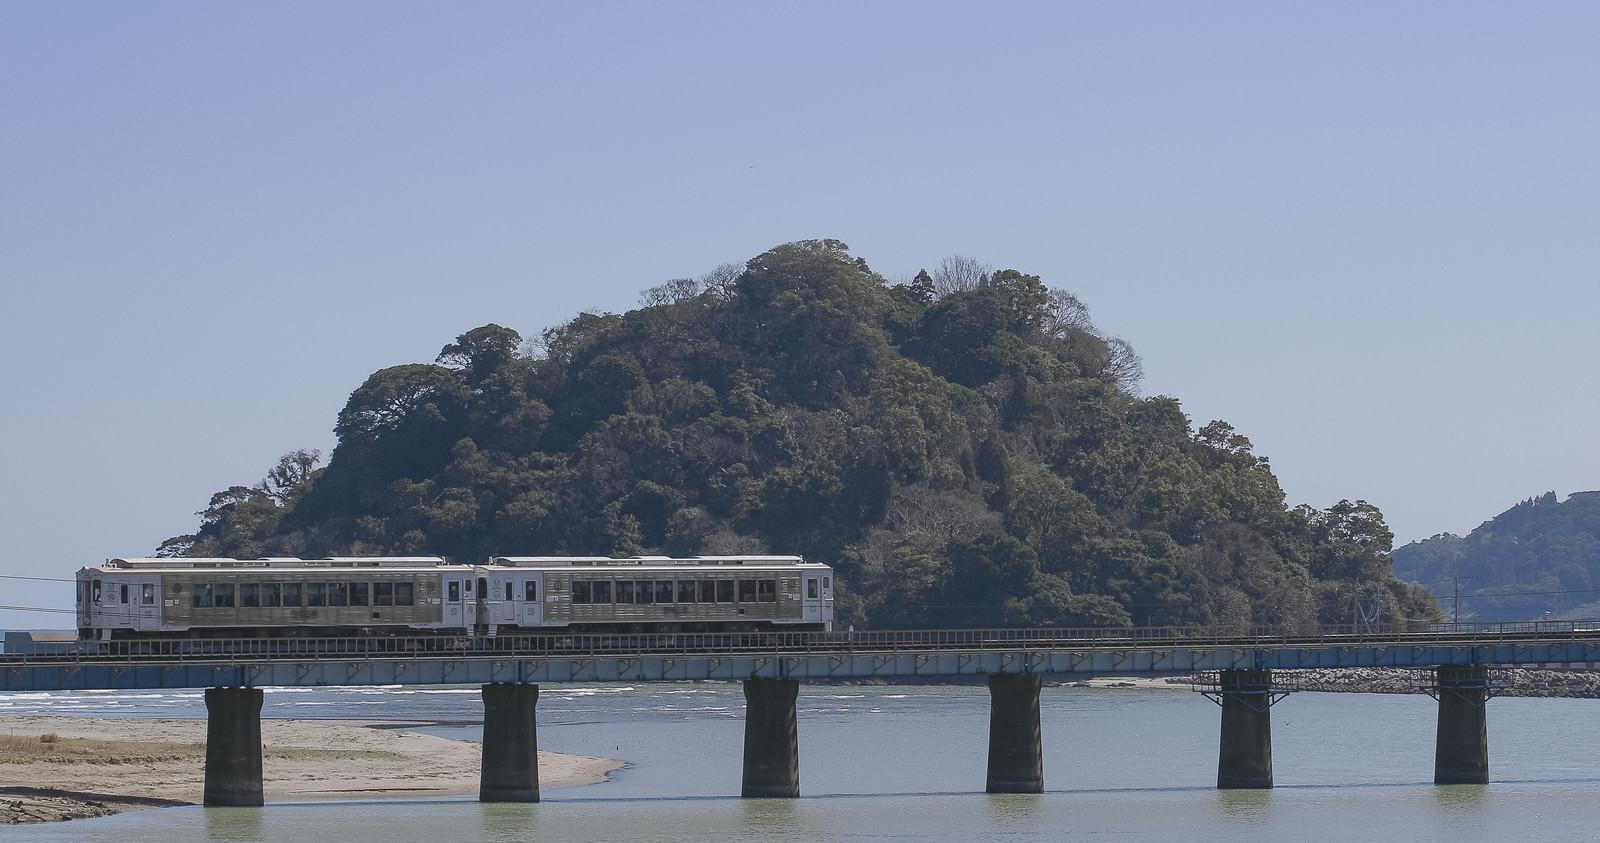 「虚空蔵島をバックに走る観光列車「海幸山幸」虚空蔵島をバックに走る観光列車「海幸山幸」」のフリー写真素材を拡大